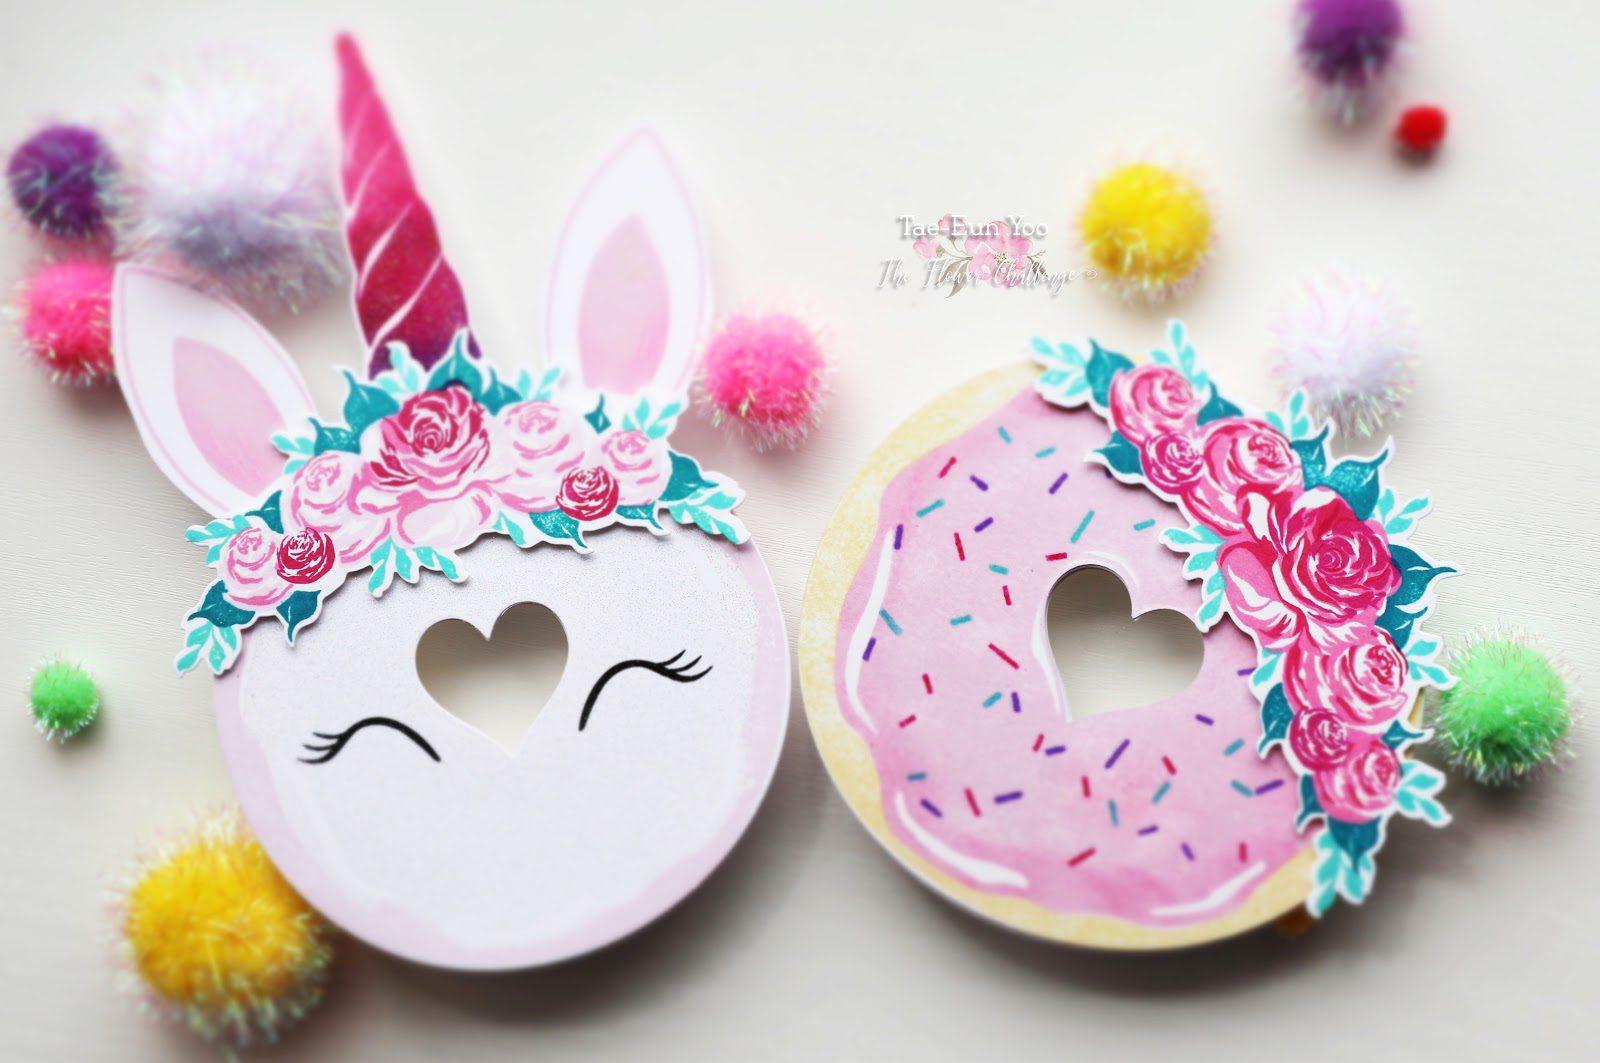 donut-6599047